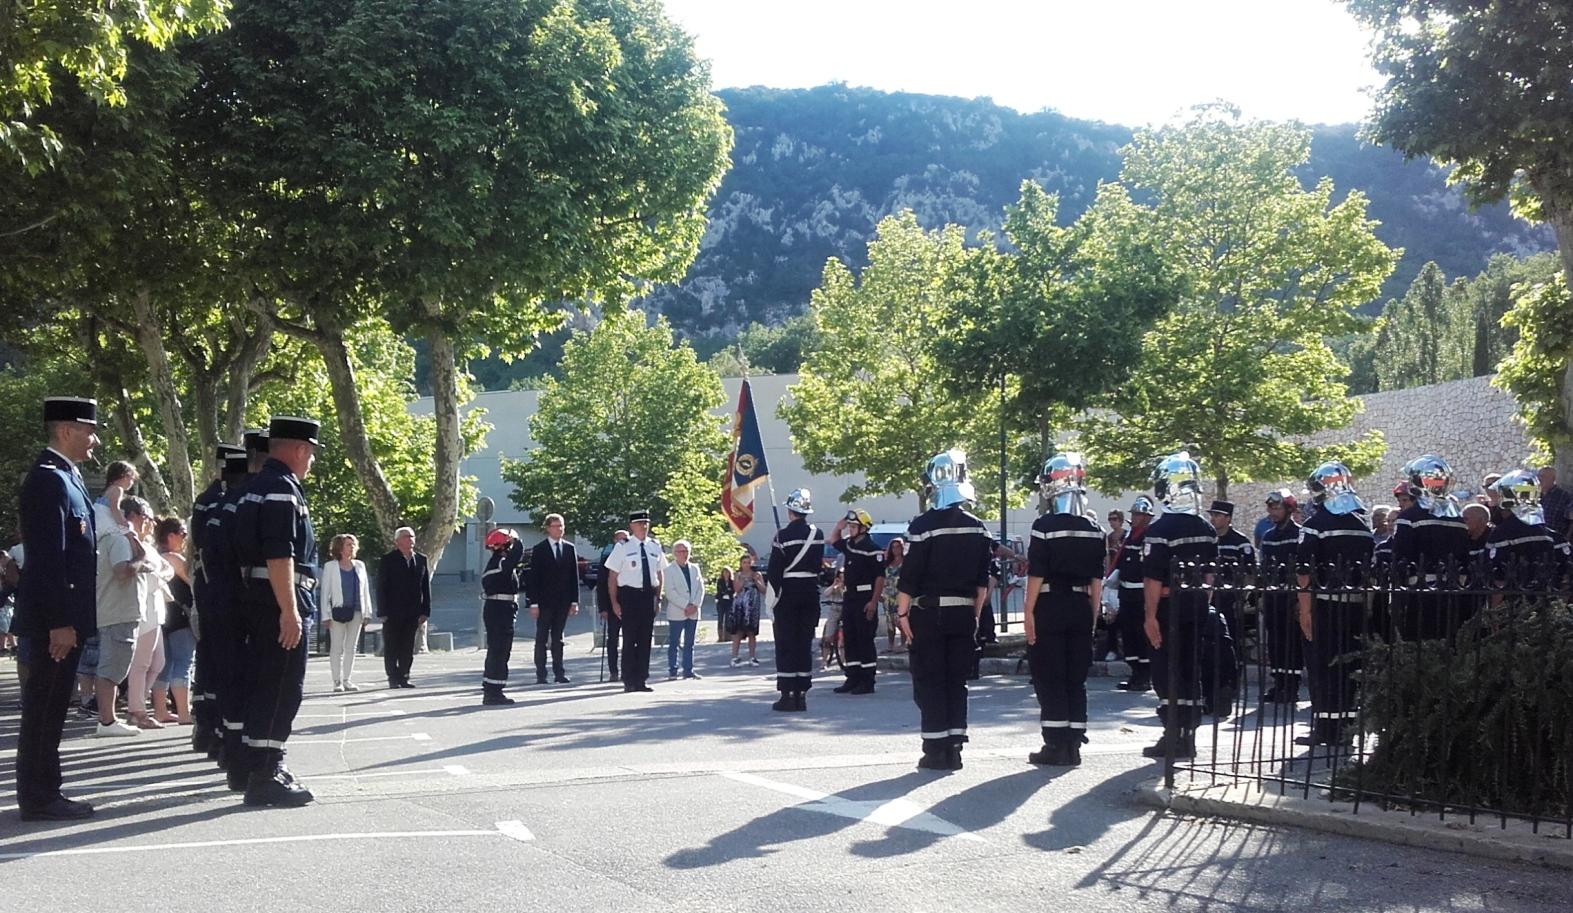 Une passation de commandement émouvante chez les pompiers de Quinson